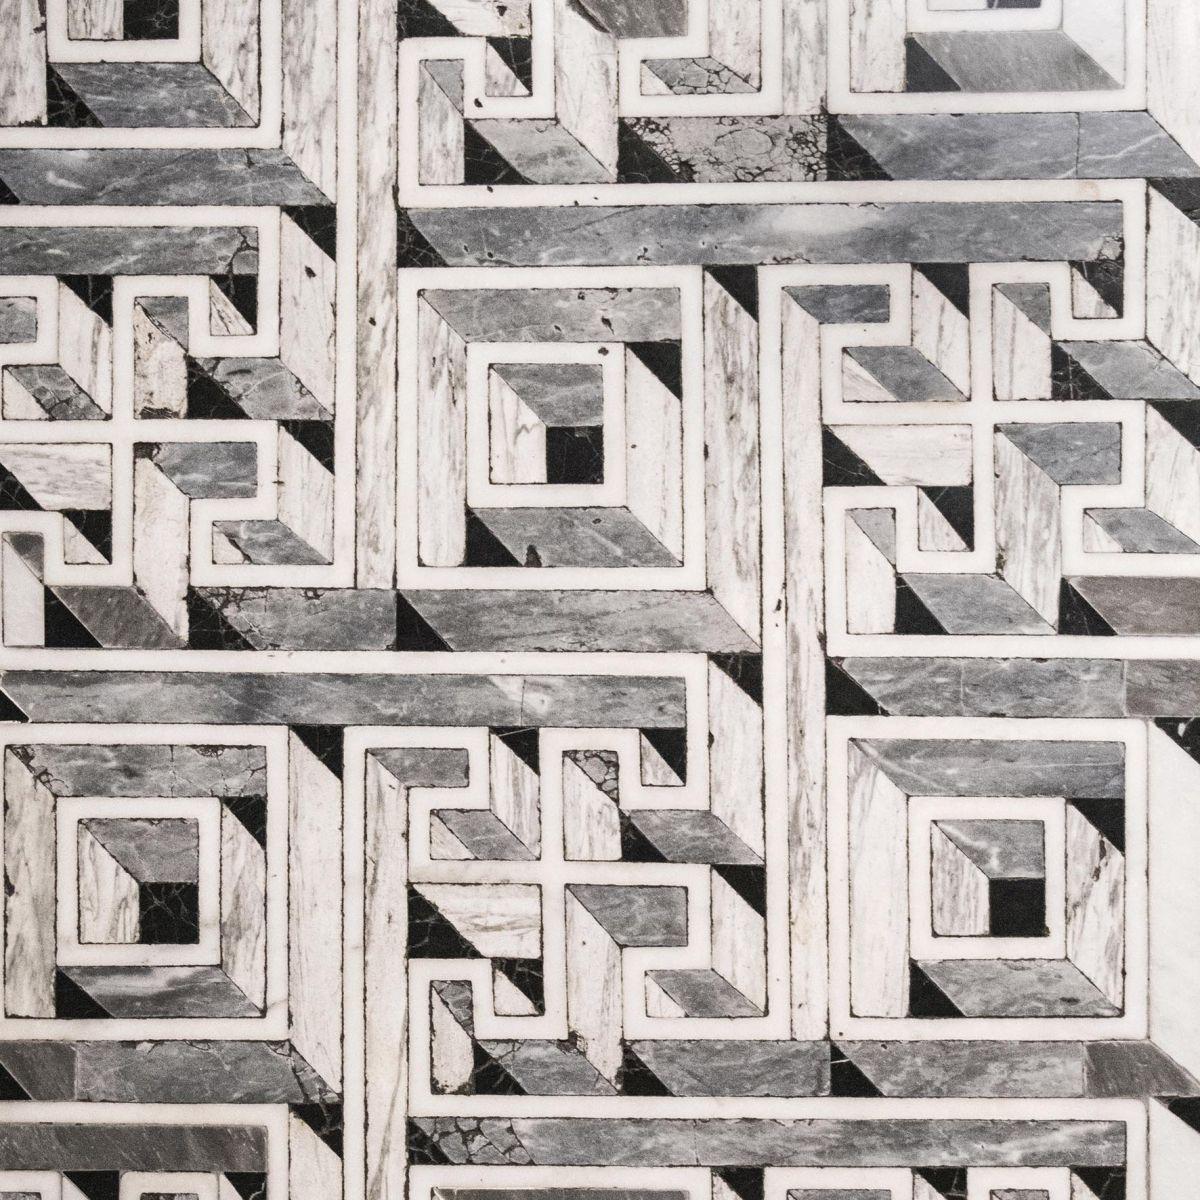 Raimondo di Sangro avait une conception ésotérique de la connaissance, réservée à un petit cercle d'initiés. Symboliquement, le Christ voilé représente la vérité à découvrir. L'allusion à ce chemin initiatique se retrouve dans le labyrinthe noir et blanc qui ornait le sol de la chapelle à l'époque.